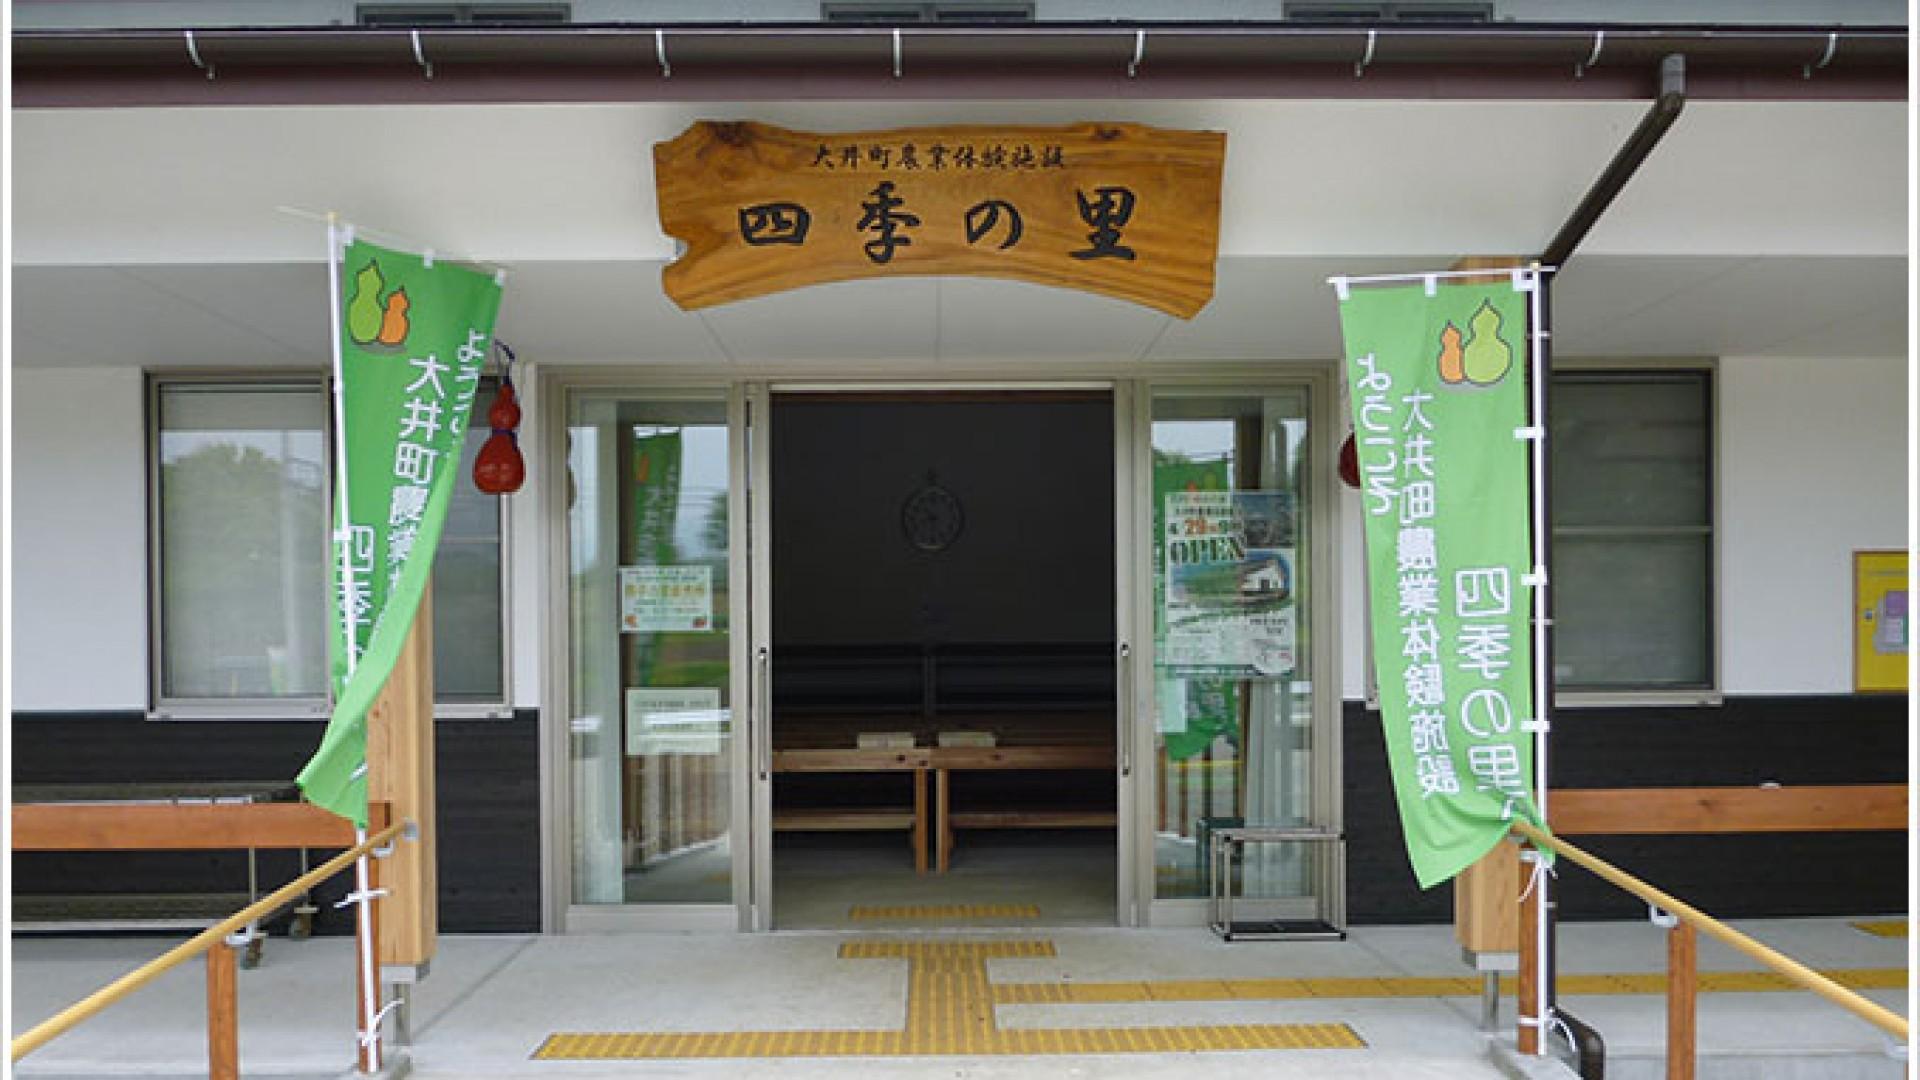 Shiki no Sato (Farm Experience Facility)